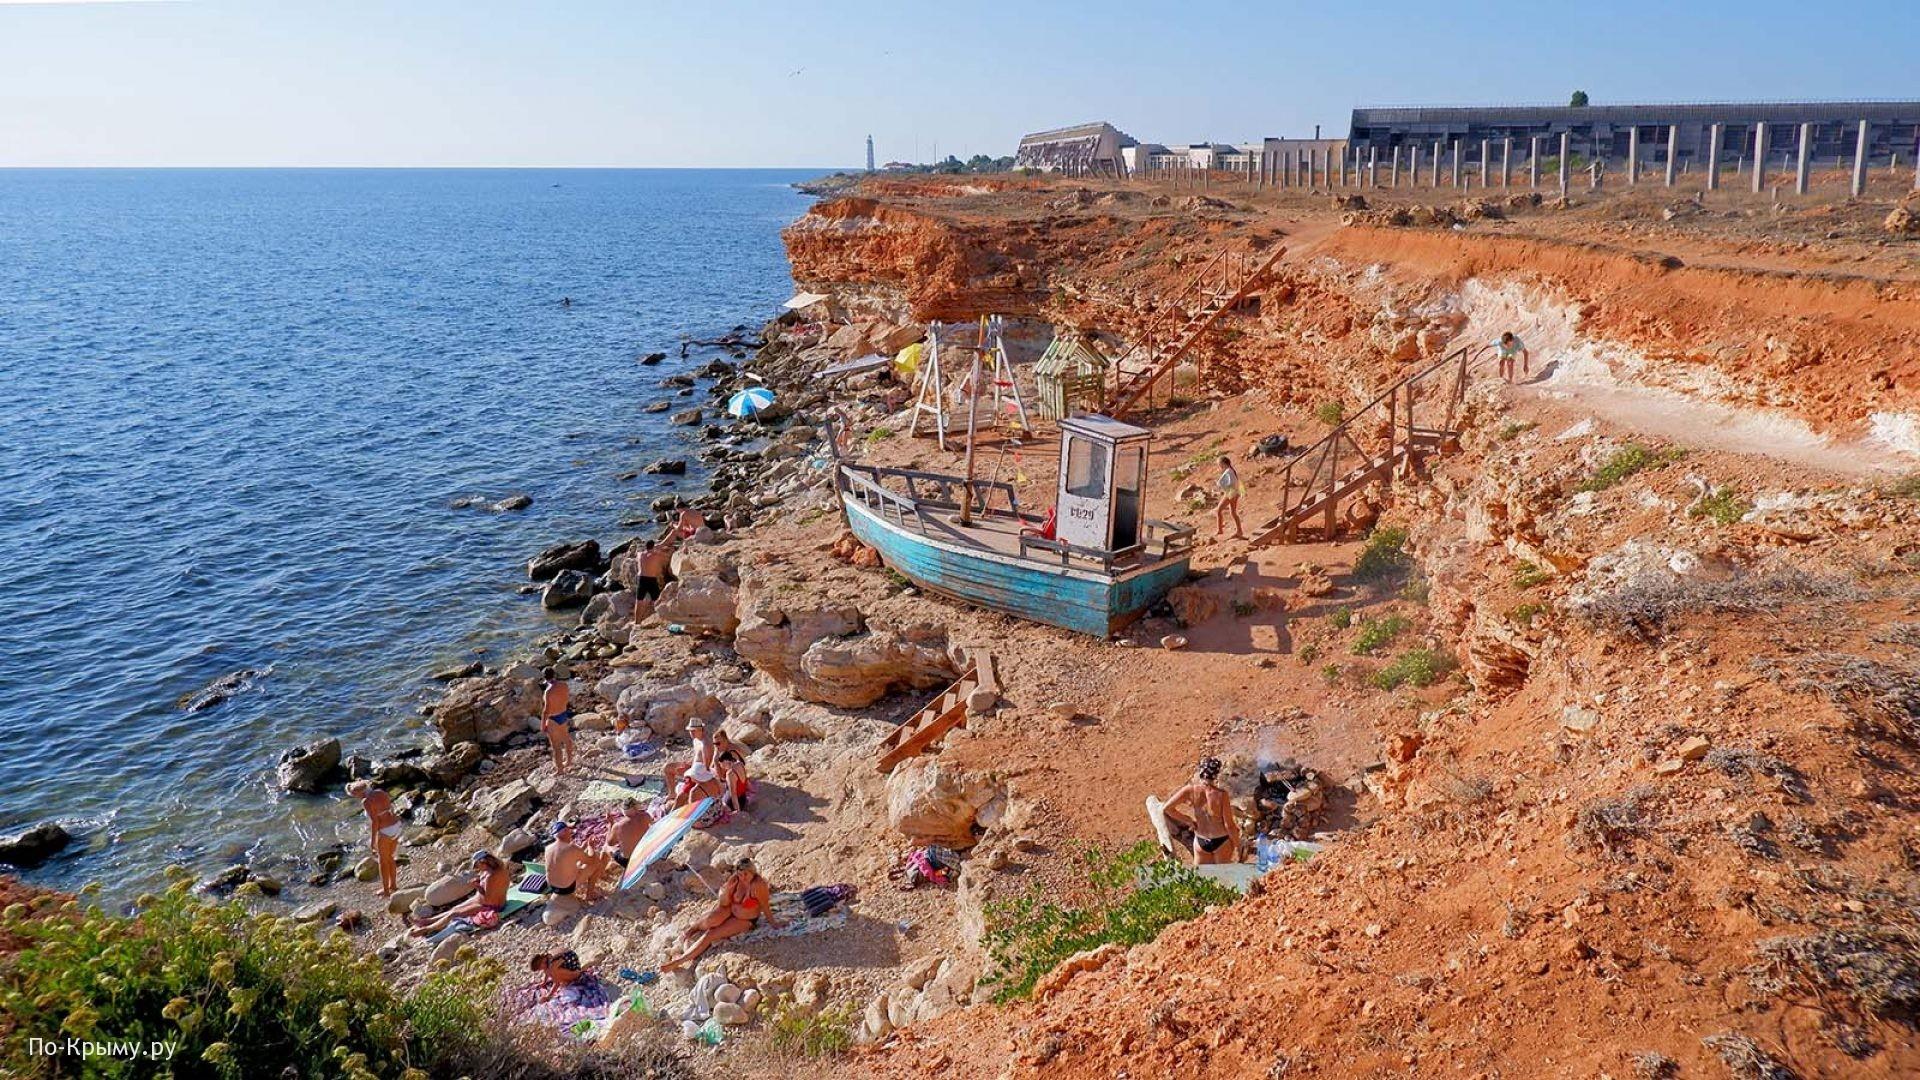 Мыс Херсонес, дикие пляжи